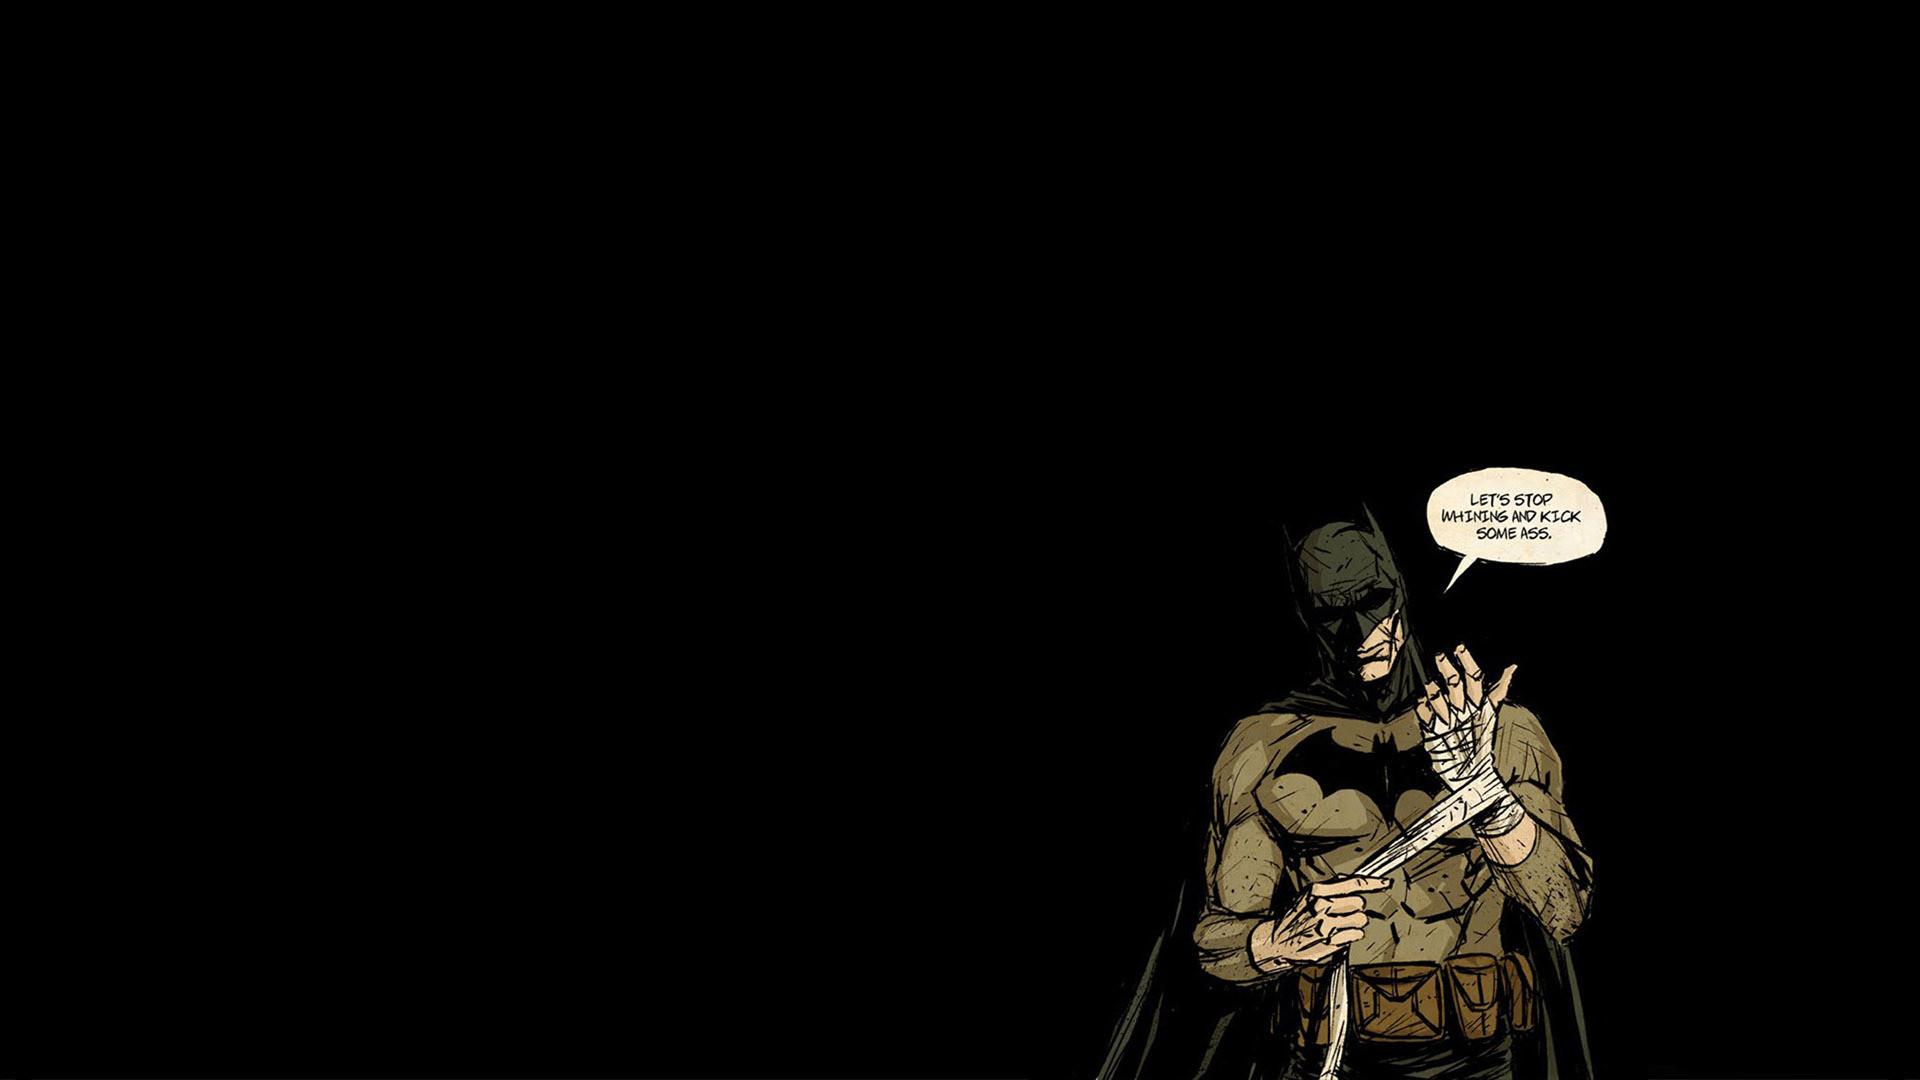 Batman HD Wallpaper 2